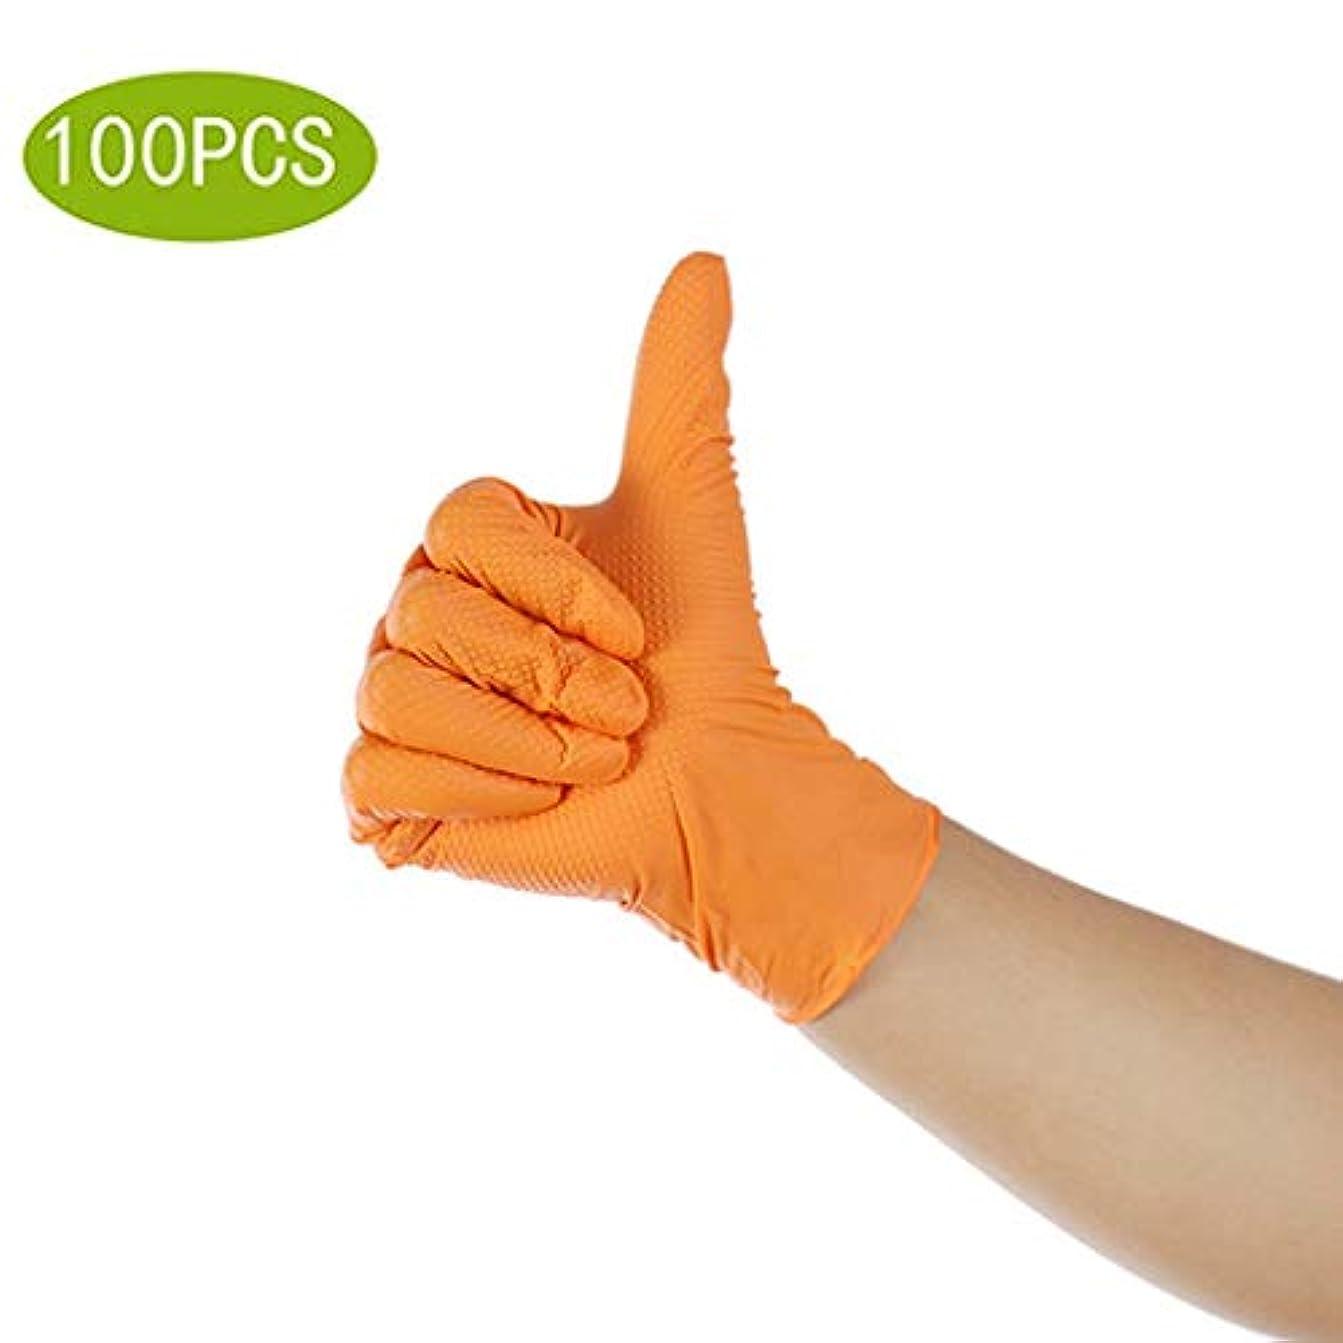 例示するアウター再生可能使い捨て手袋軽量9インチパウダーフリーラテックスフリーライト作業厚手の使い捨てゴム手袋、滑り止めパームプリントグレードタトゥーメディカル試験手袋100倍 (Color : Yellow, Size : S)